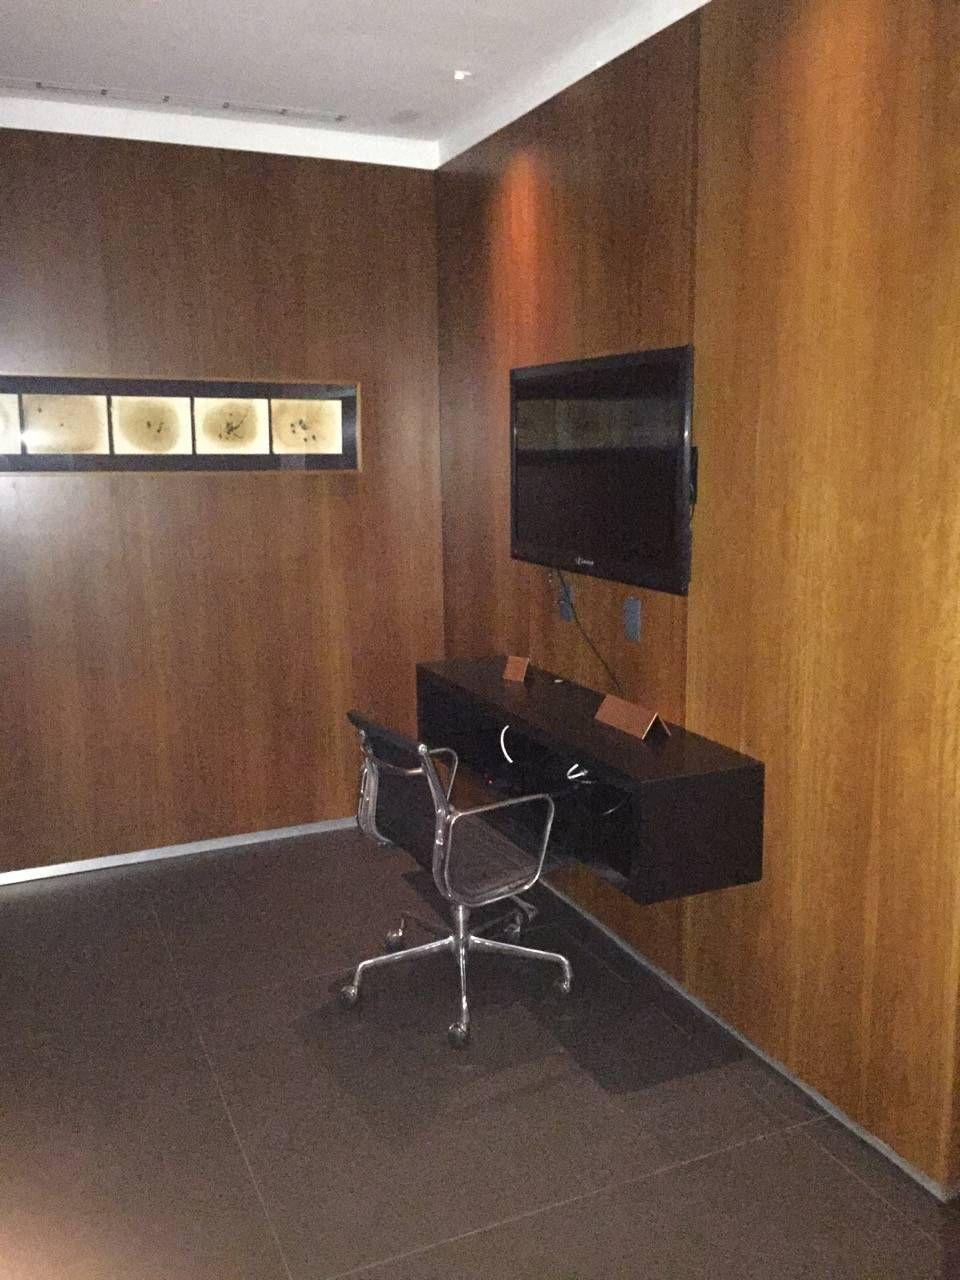 Bradesco Cartoes Lounge-023